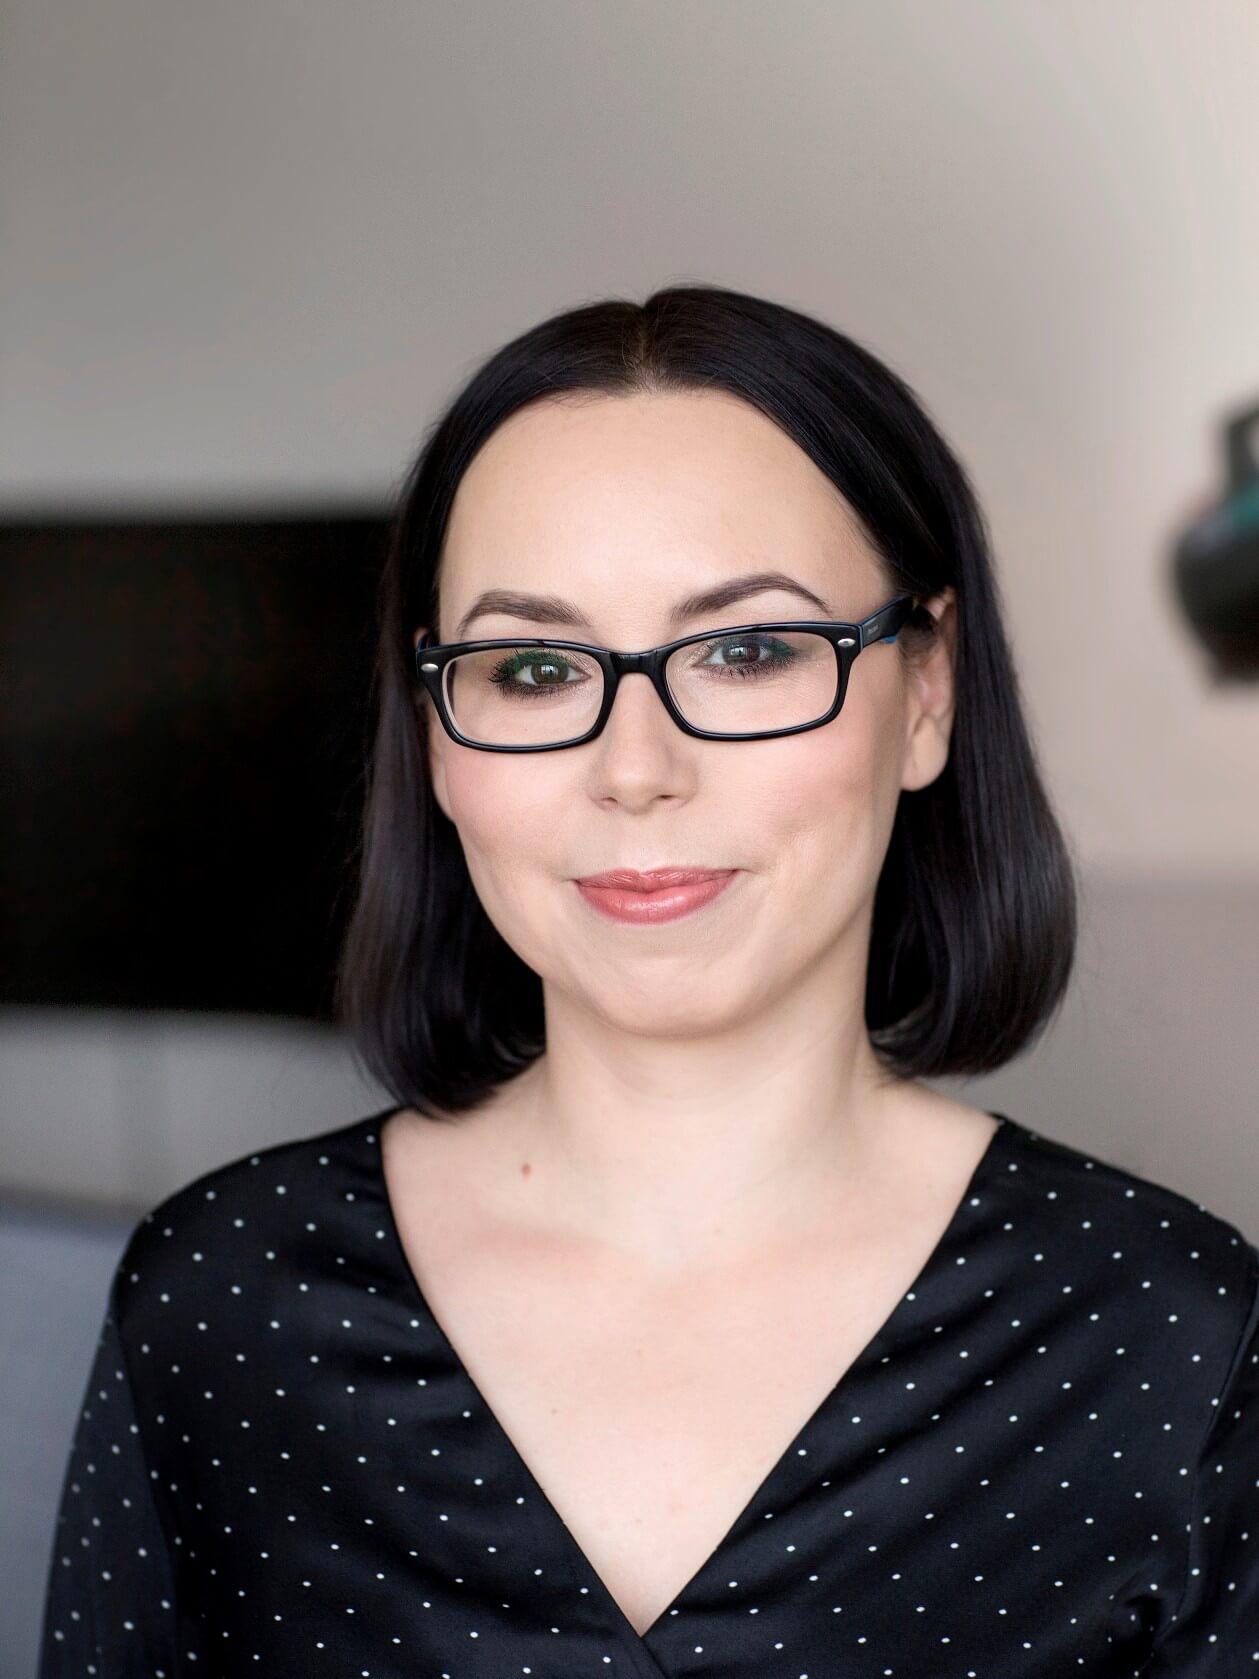 Magdalena Malinowska Empathic Way Online Cztery kroki do lepszej relacji z innymi i sobą